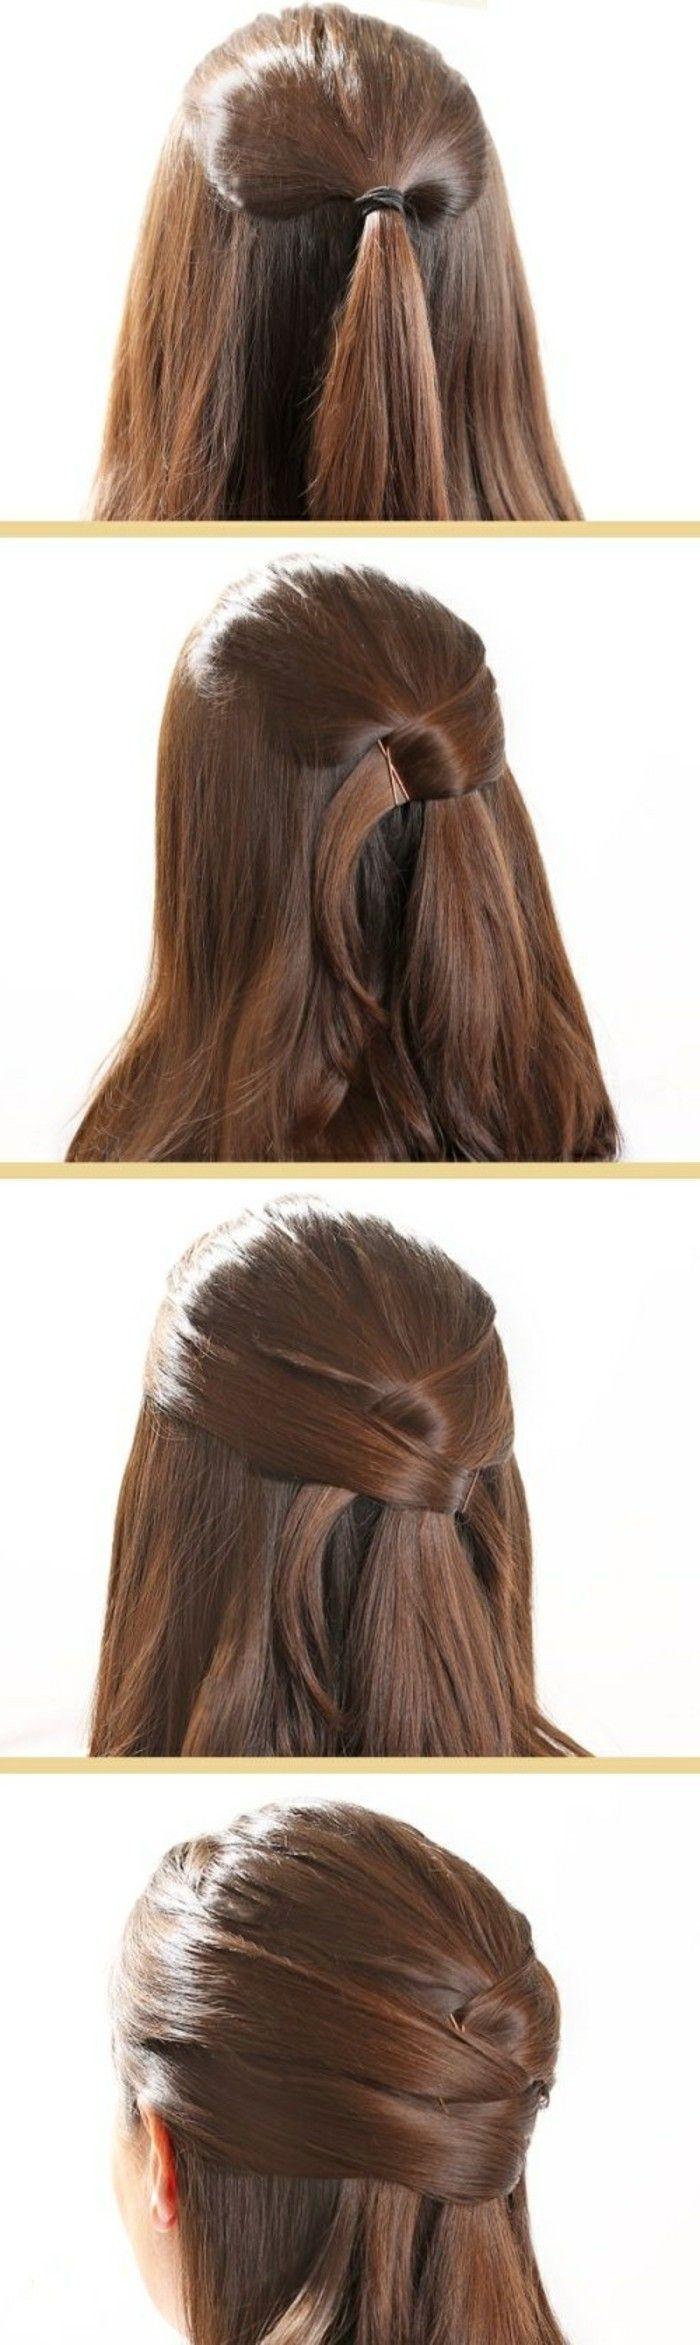 1001 Ideen Fur Schone Haarfrisuren Plus Anleitungen Zum Selbermachen Haarfrisuren Braune Haare Frisuren Haarfrisuren Selber Machen